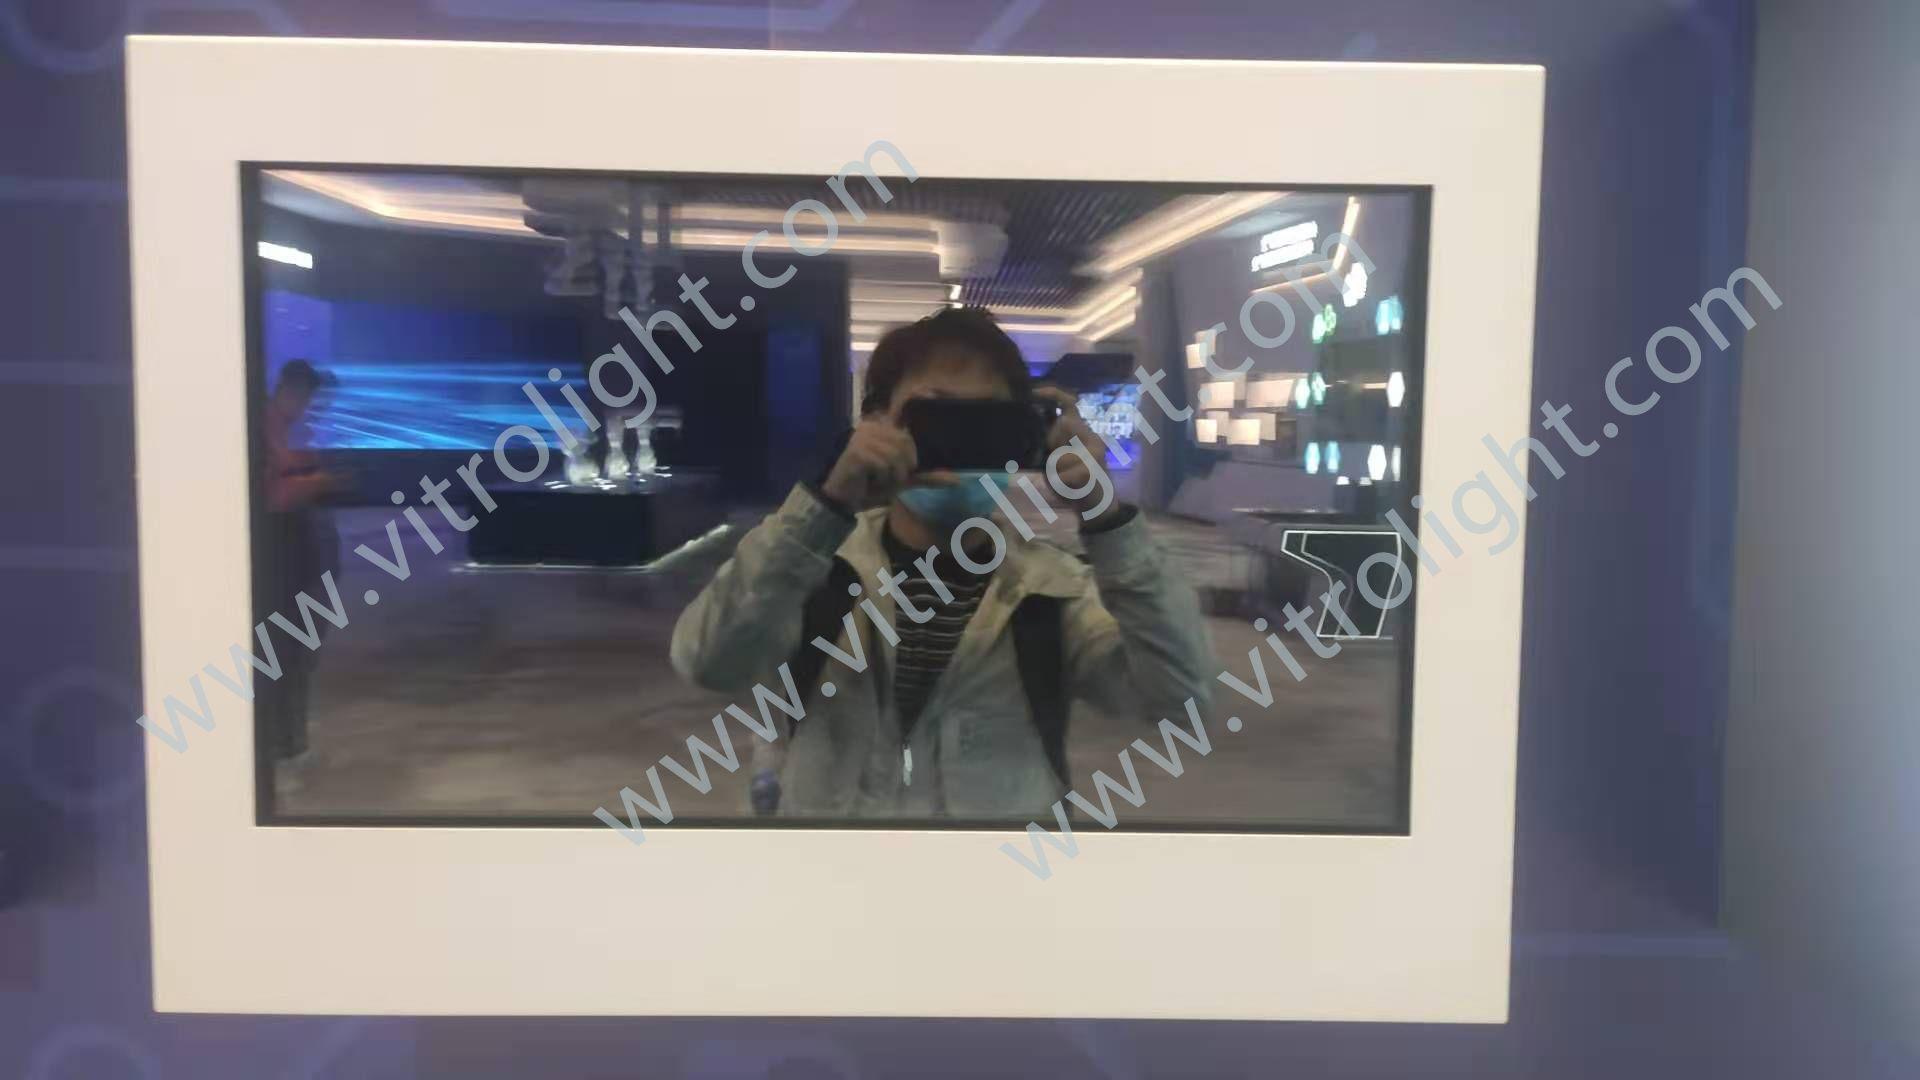 透明屏-上海之巅观光厅